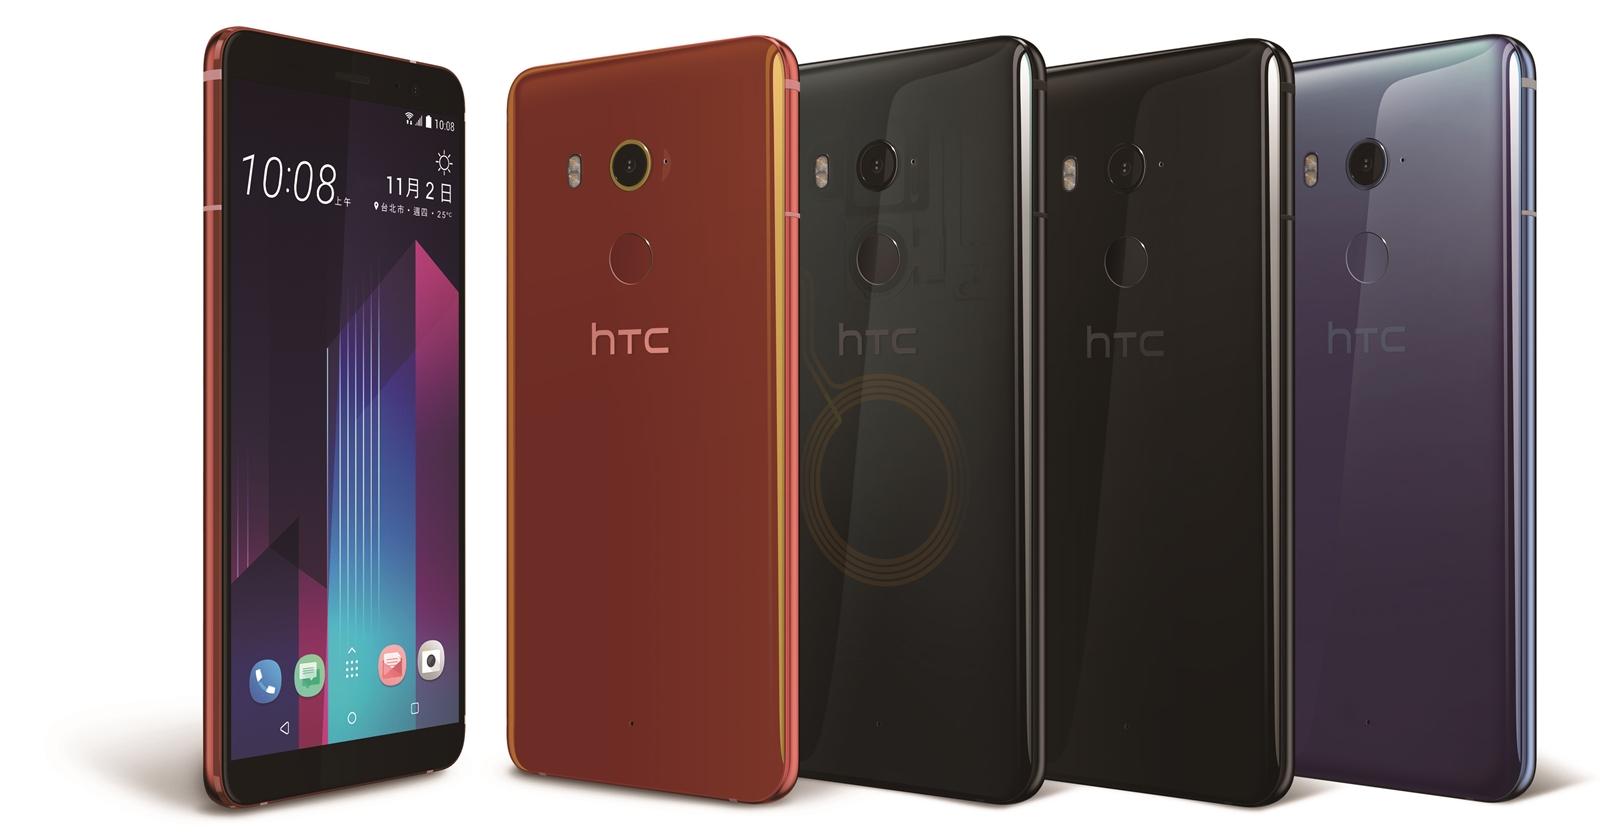 紅通通的 HTC U11+ 來了!新色發表加送 MAYDAY 後背包